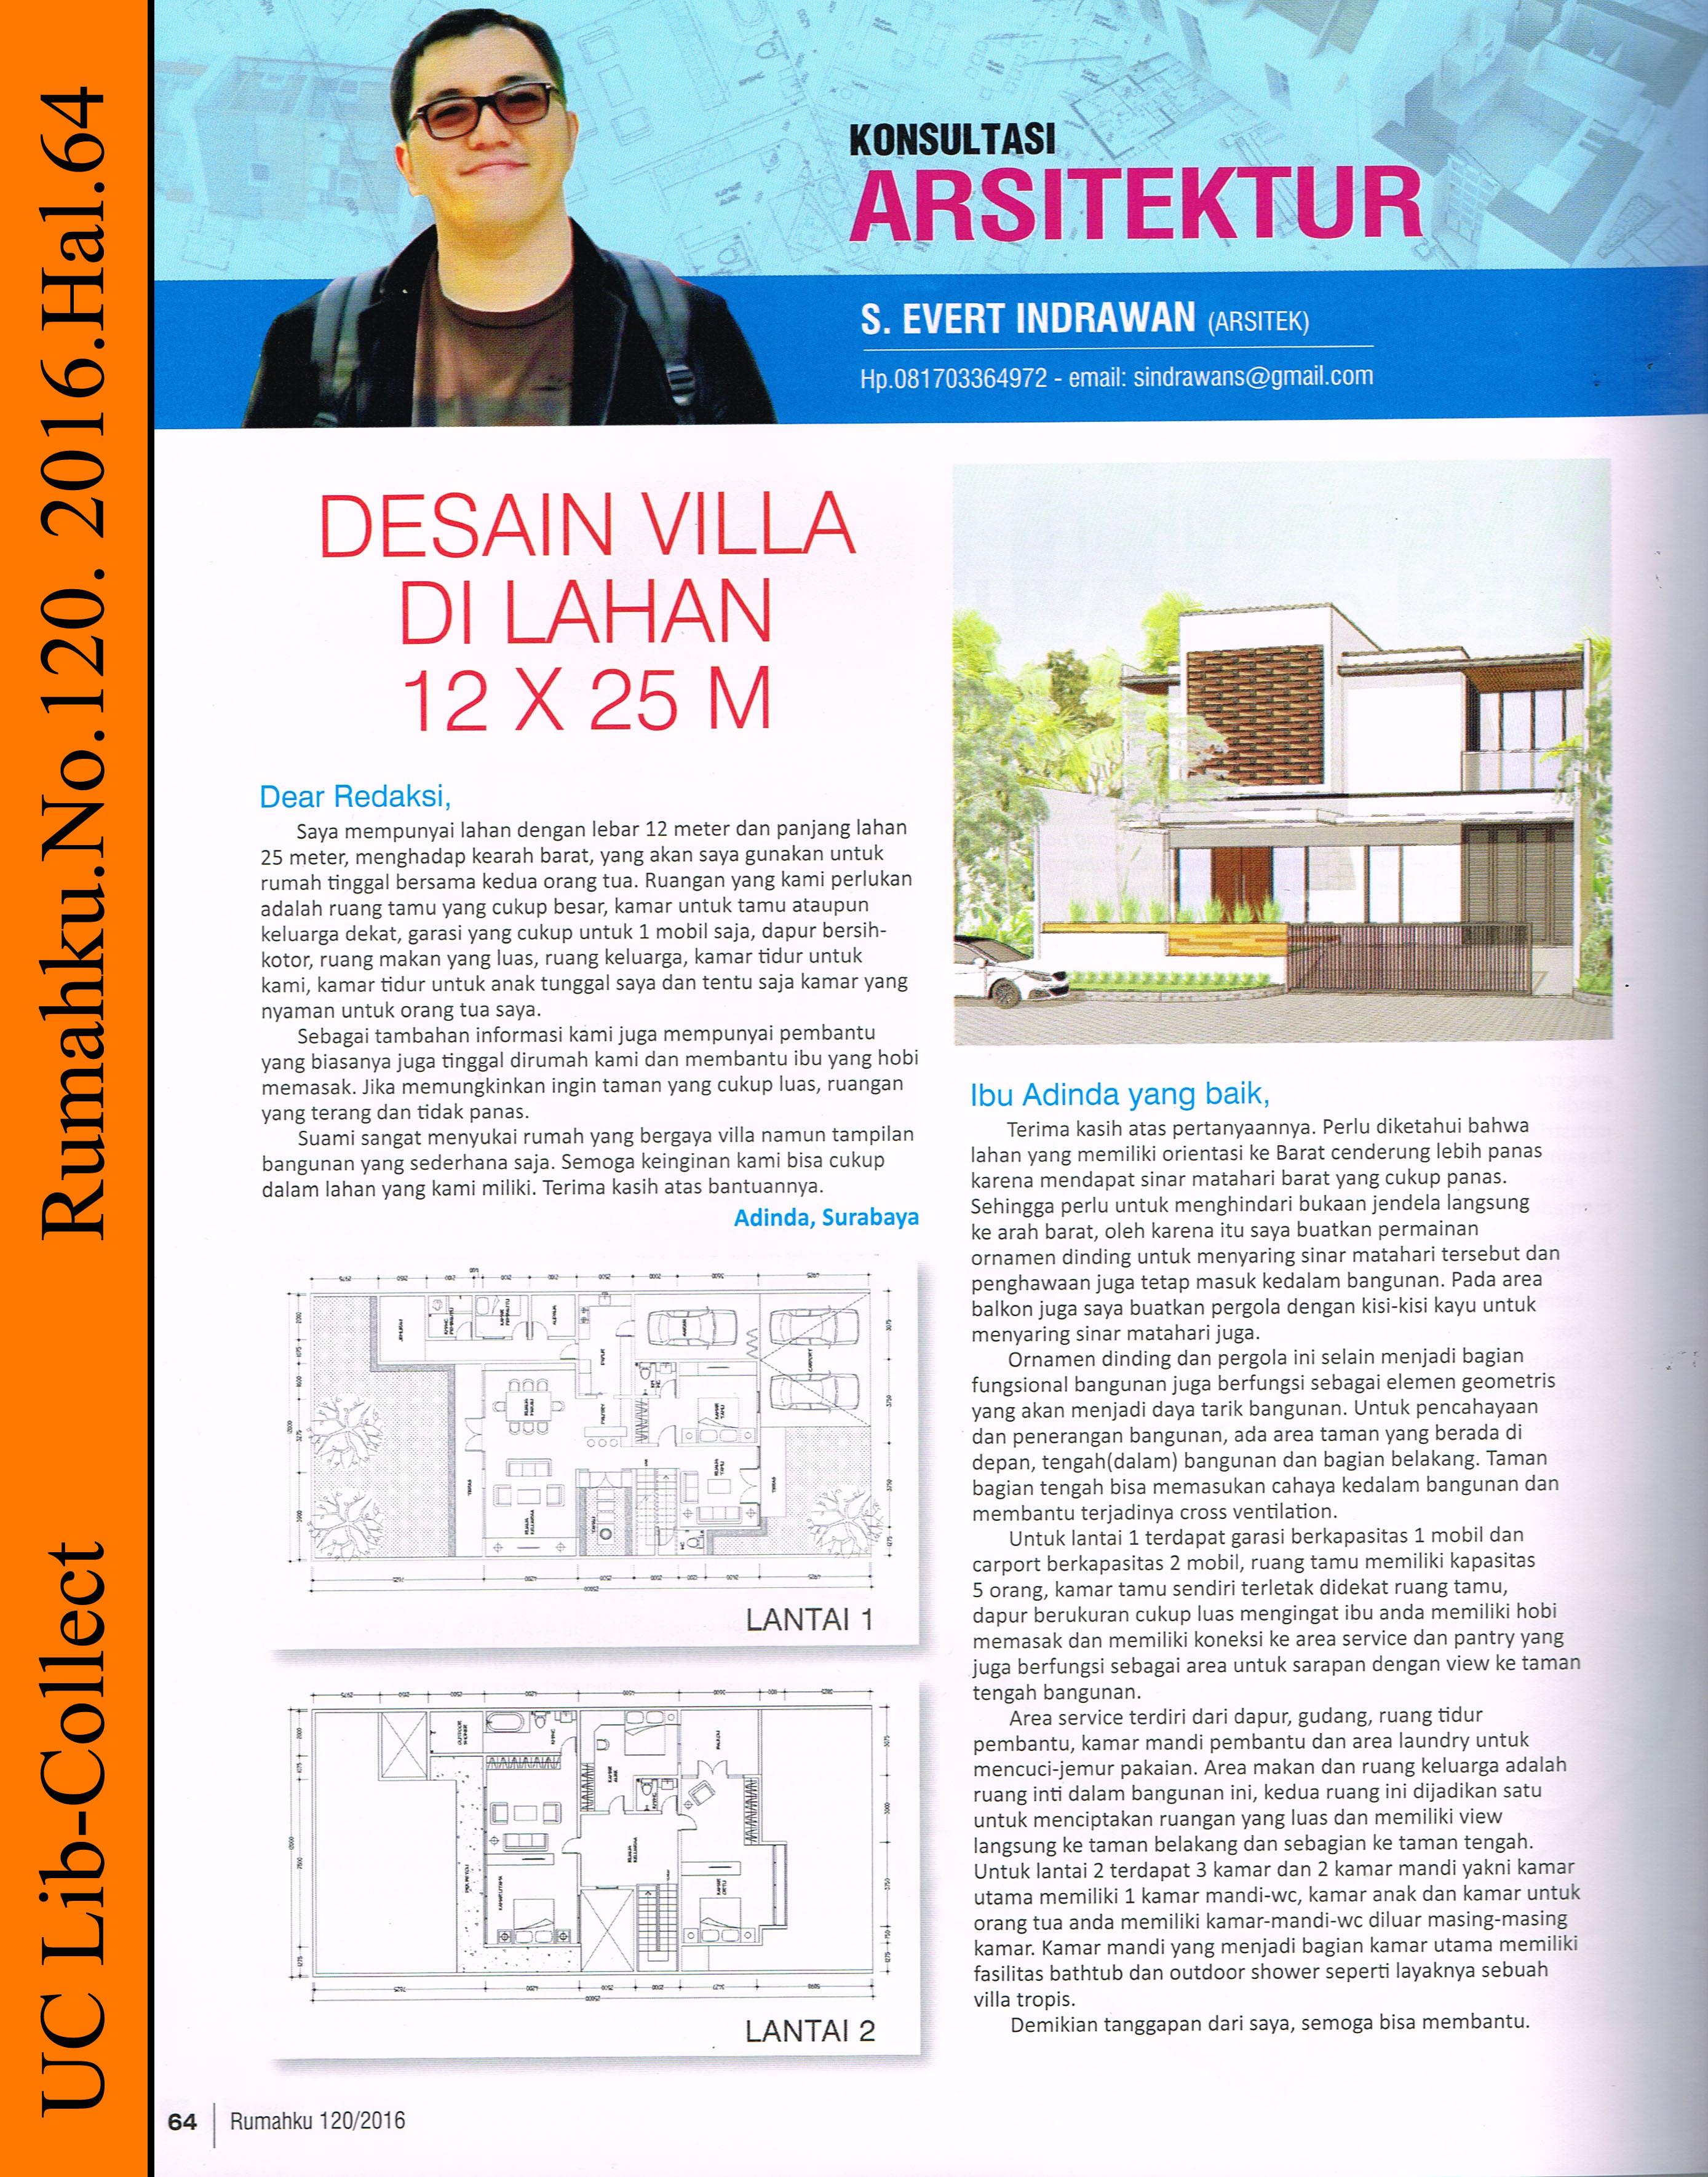 desain villa di lahan 12 x 25 m